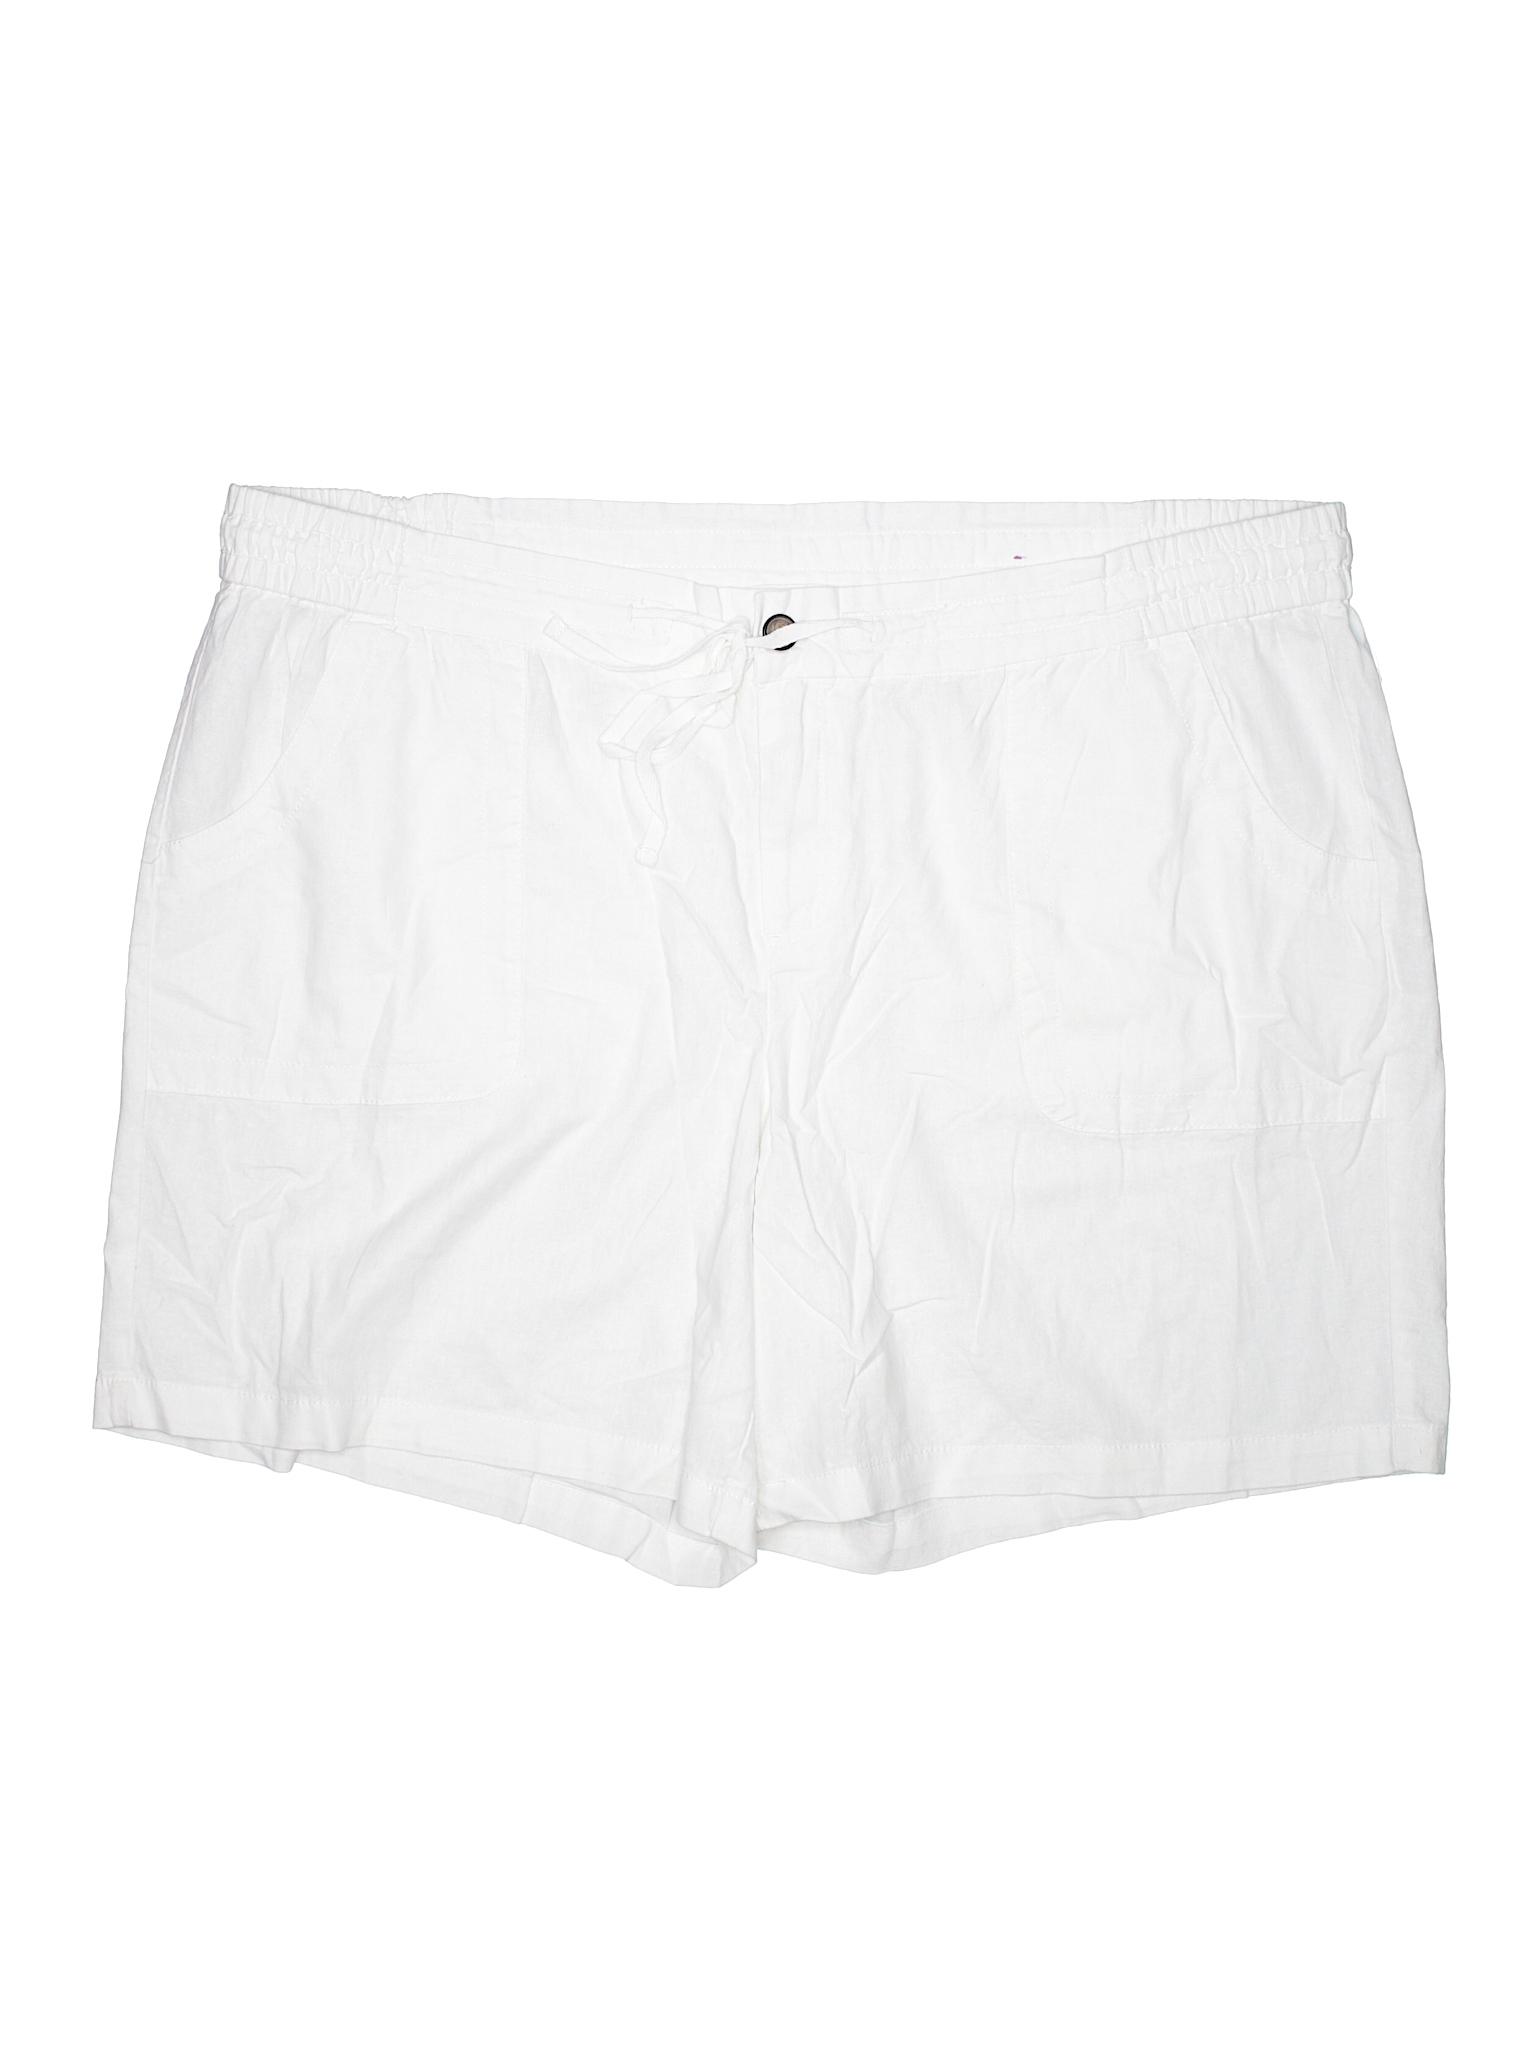 Boutique Lane Khaki Bryant Bryant Lane Boutique Khaki Lane Bryant Shorts Shorts Boutique wr5wCxZqn